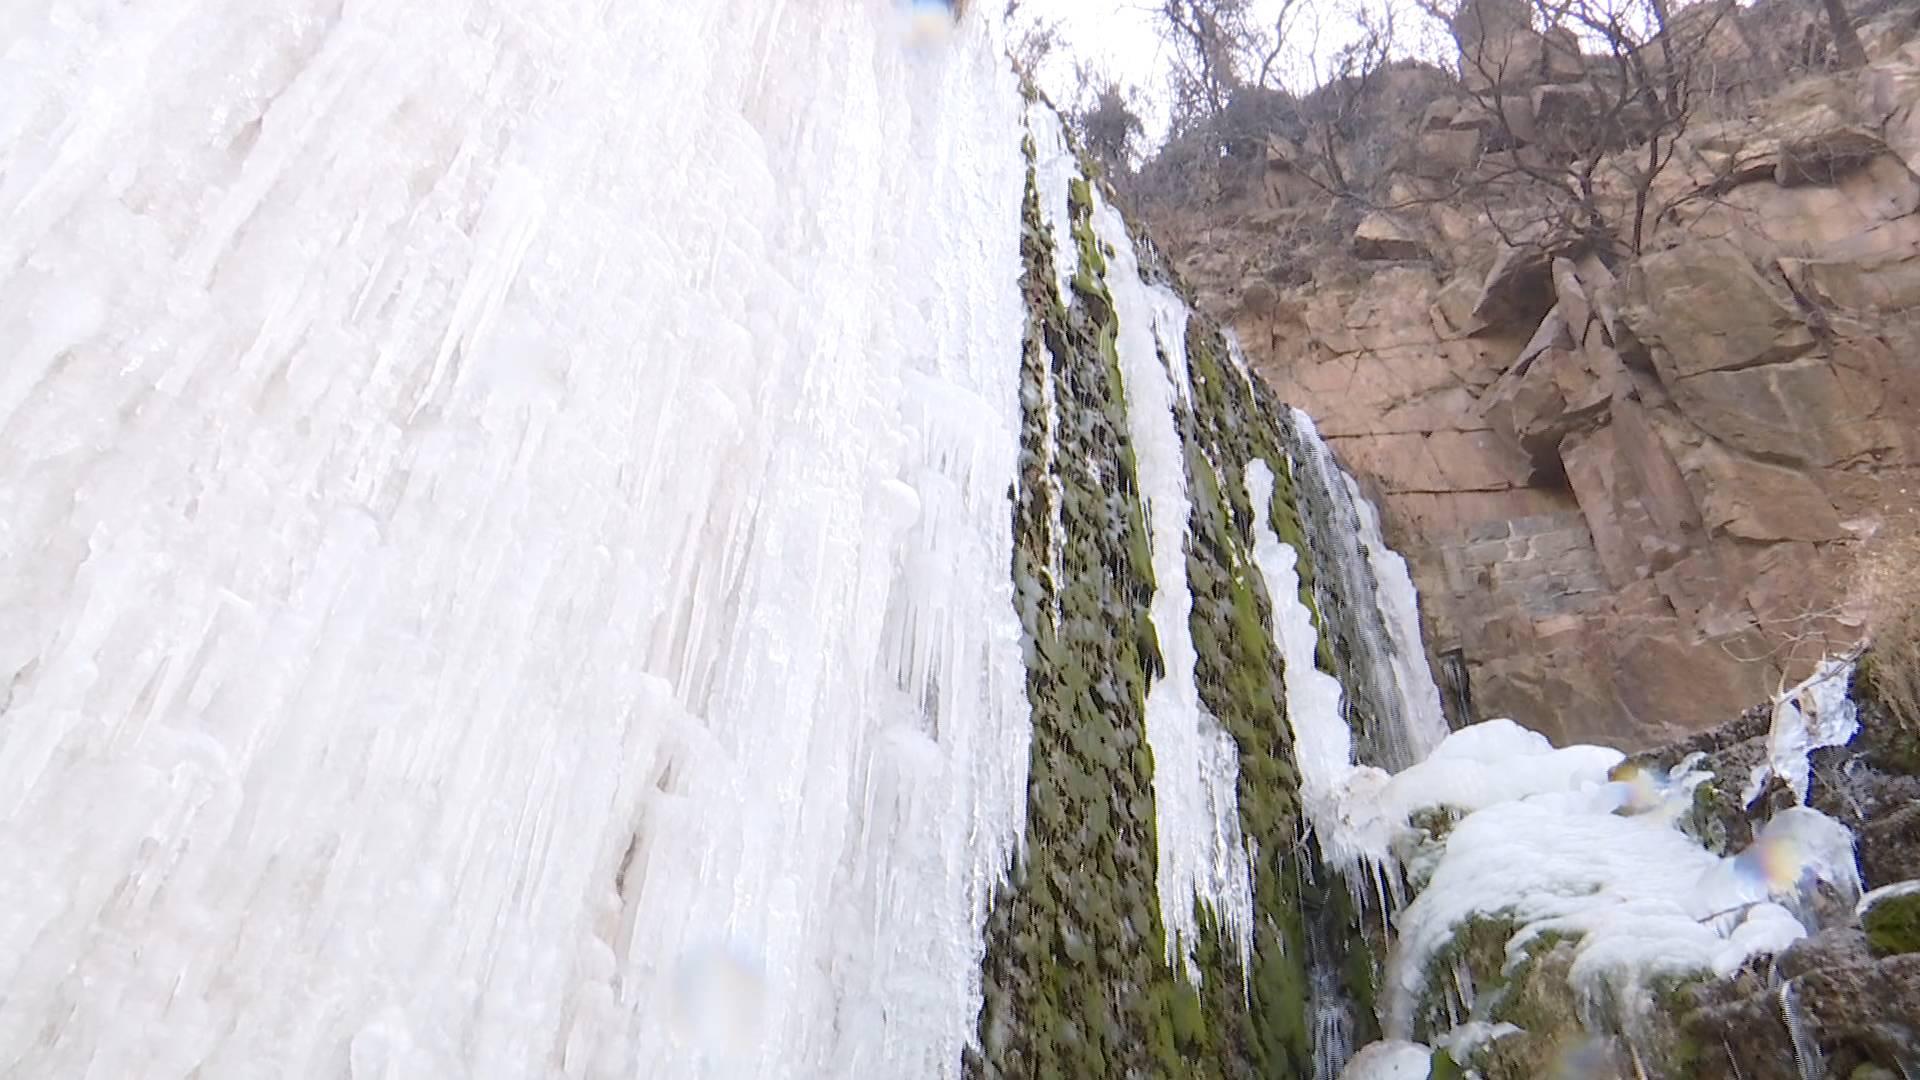 40秒 | 美!严寒天 枣庄龙床水库现冰瀑奇观